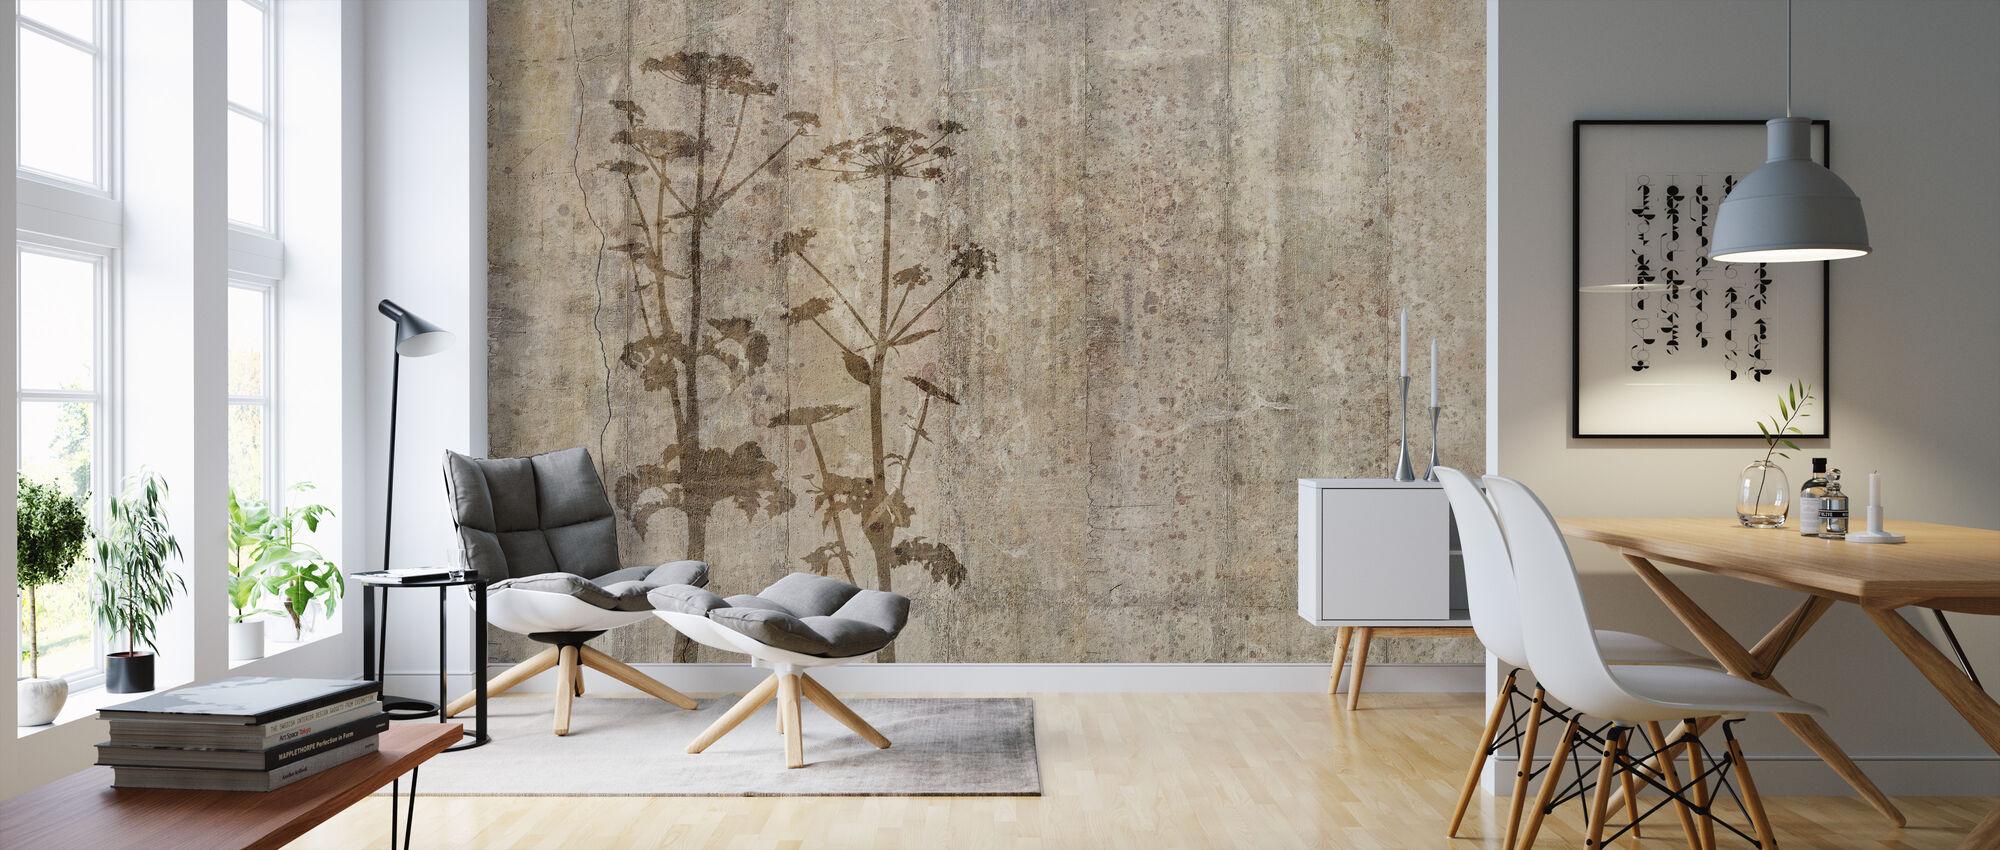 Riesen-Hogweed mit Betonwand - Tapete - Wohnzimmer